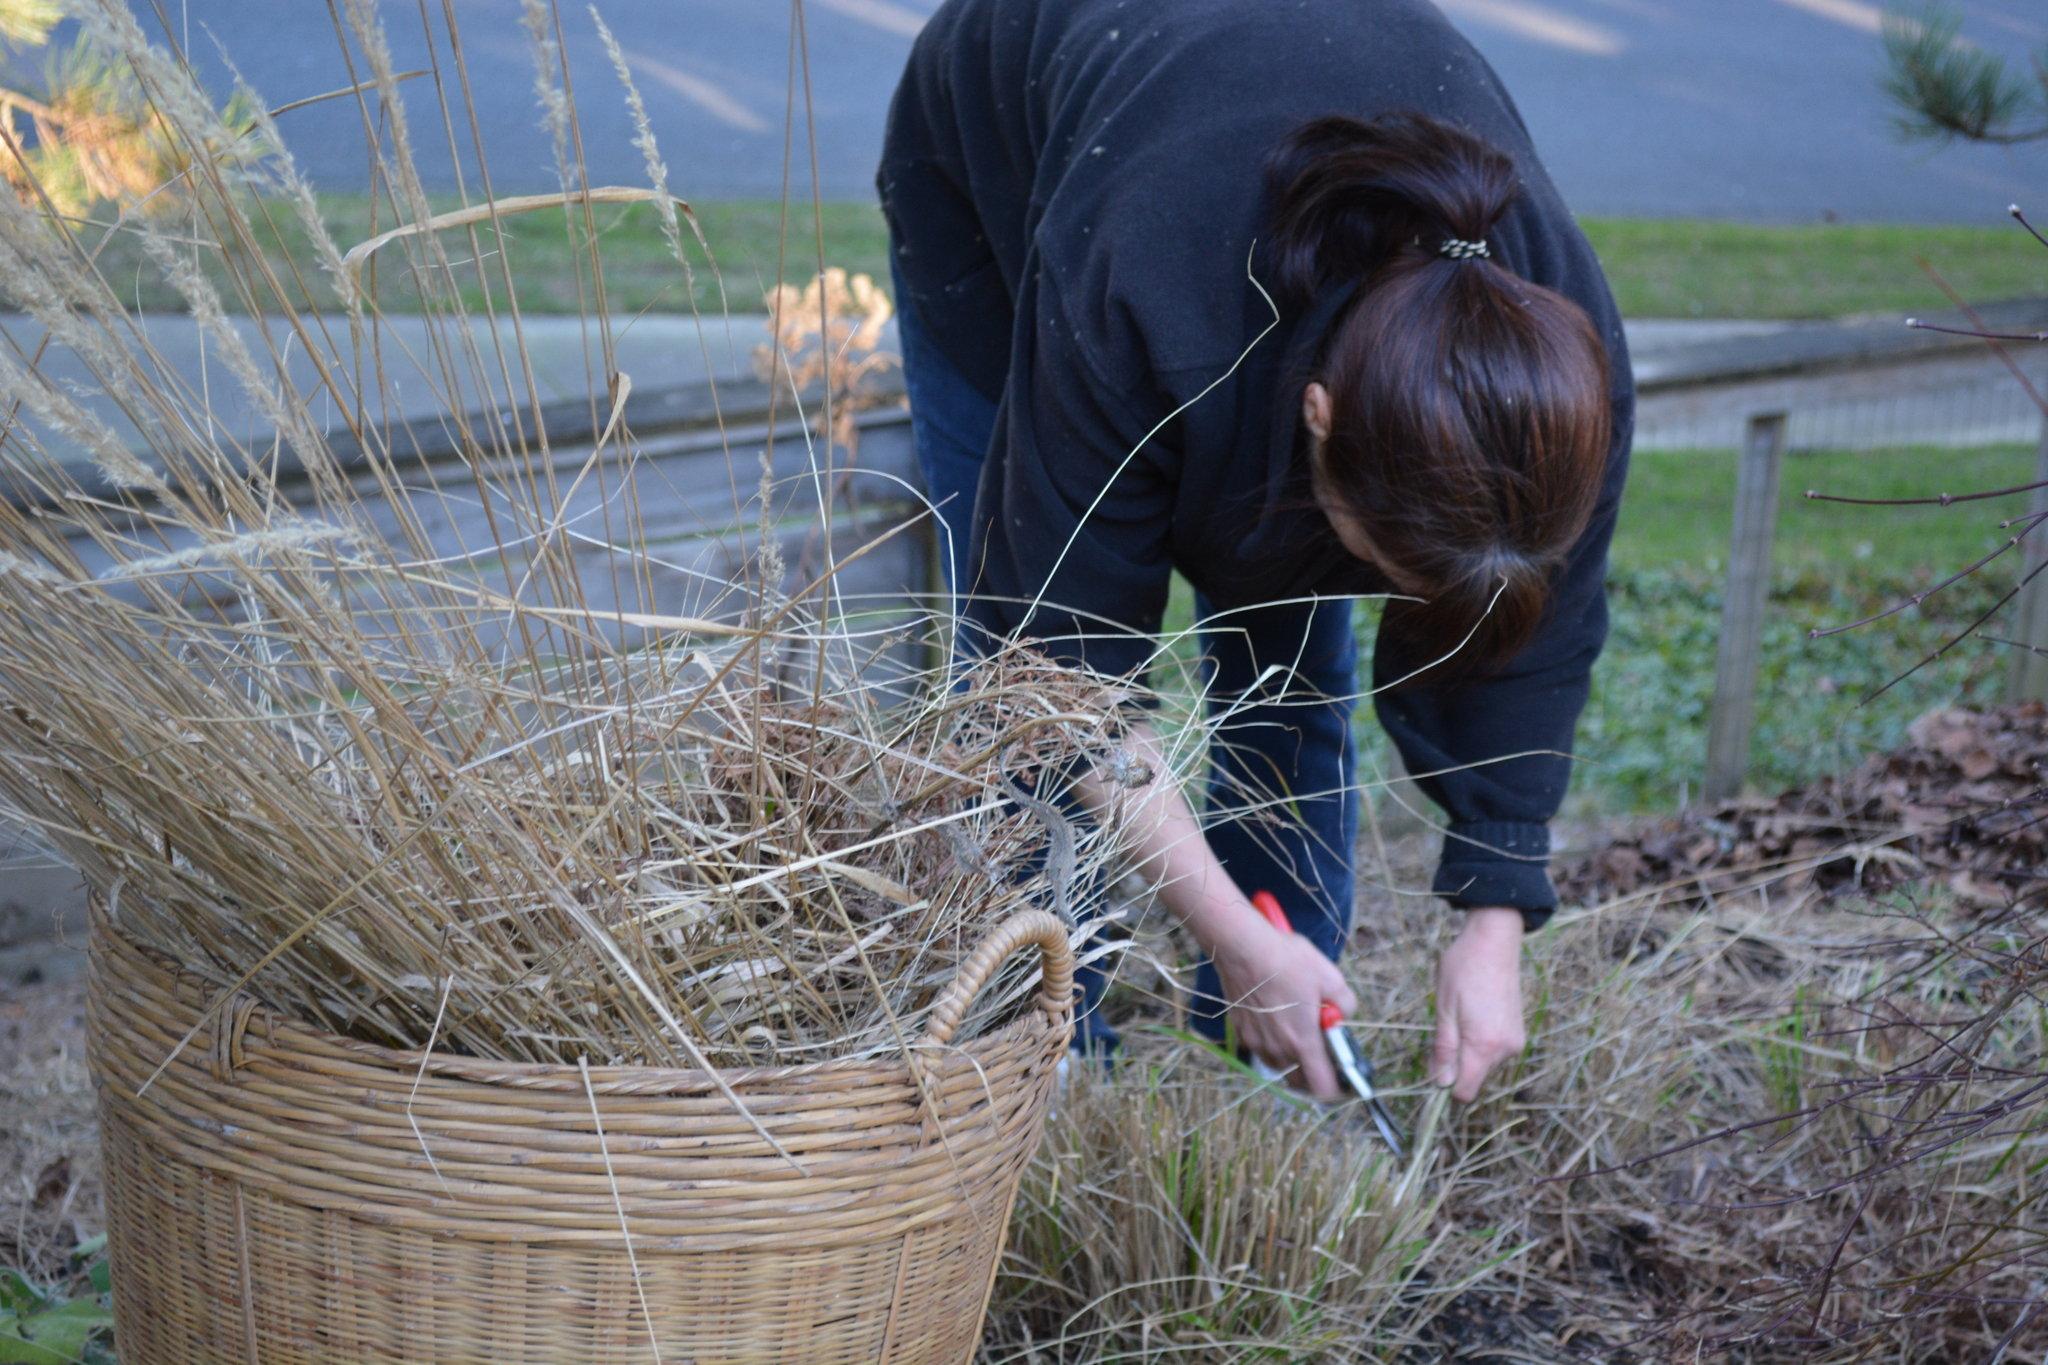 Приступаем к уборке сада от оставшегося садового мусора и сухих растений